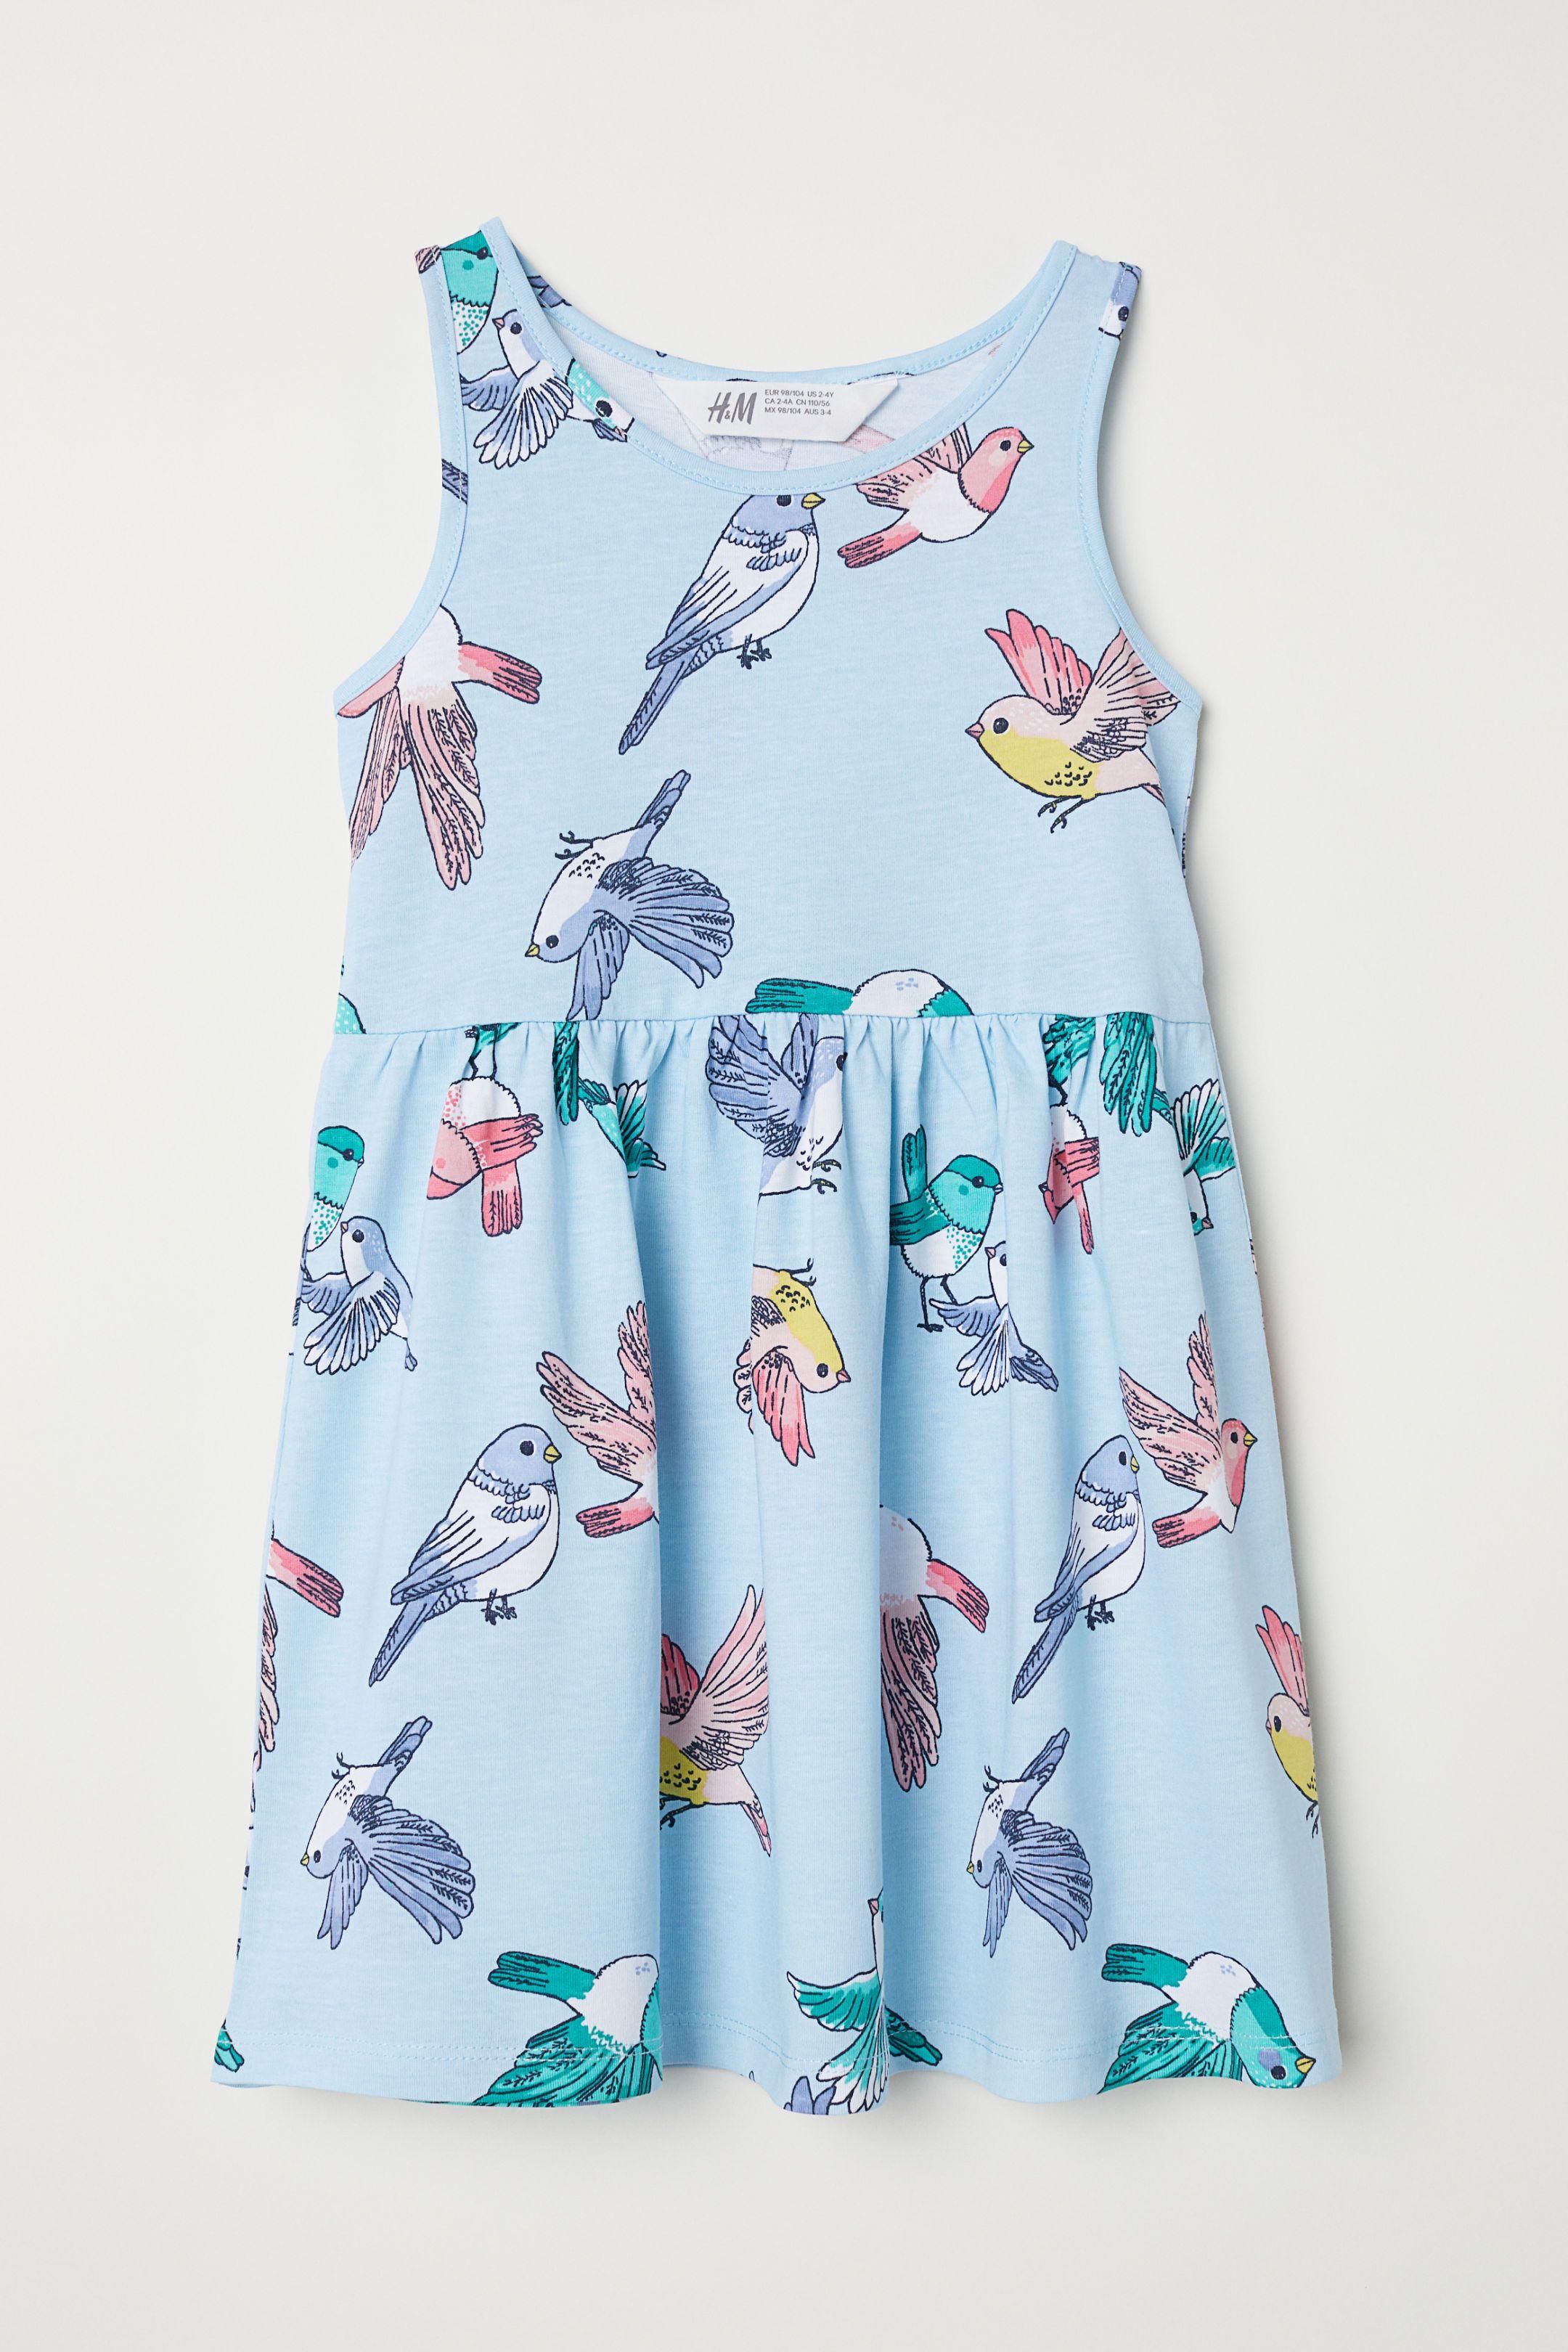 Sleeveless Jersey Dress Light Blue Birds Kids H M Us Cotton Dress Summer Kids Dress Girls Sequin Dress [ 3240 x 2160 Pixel ]